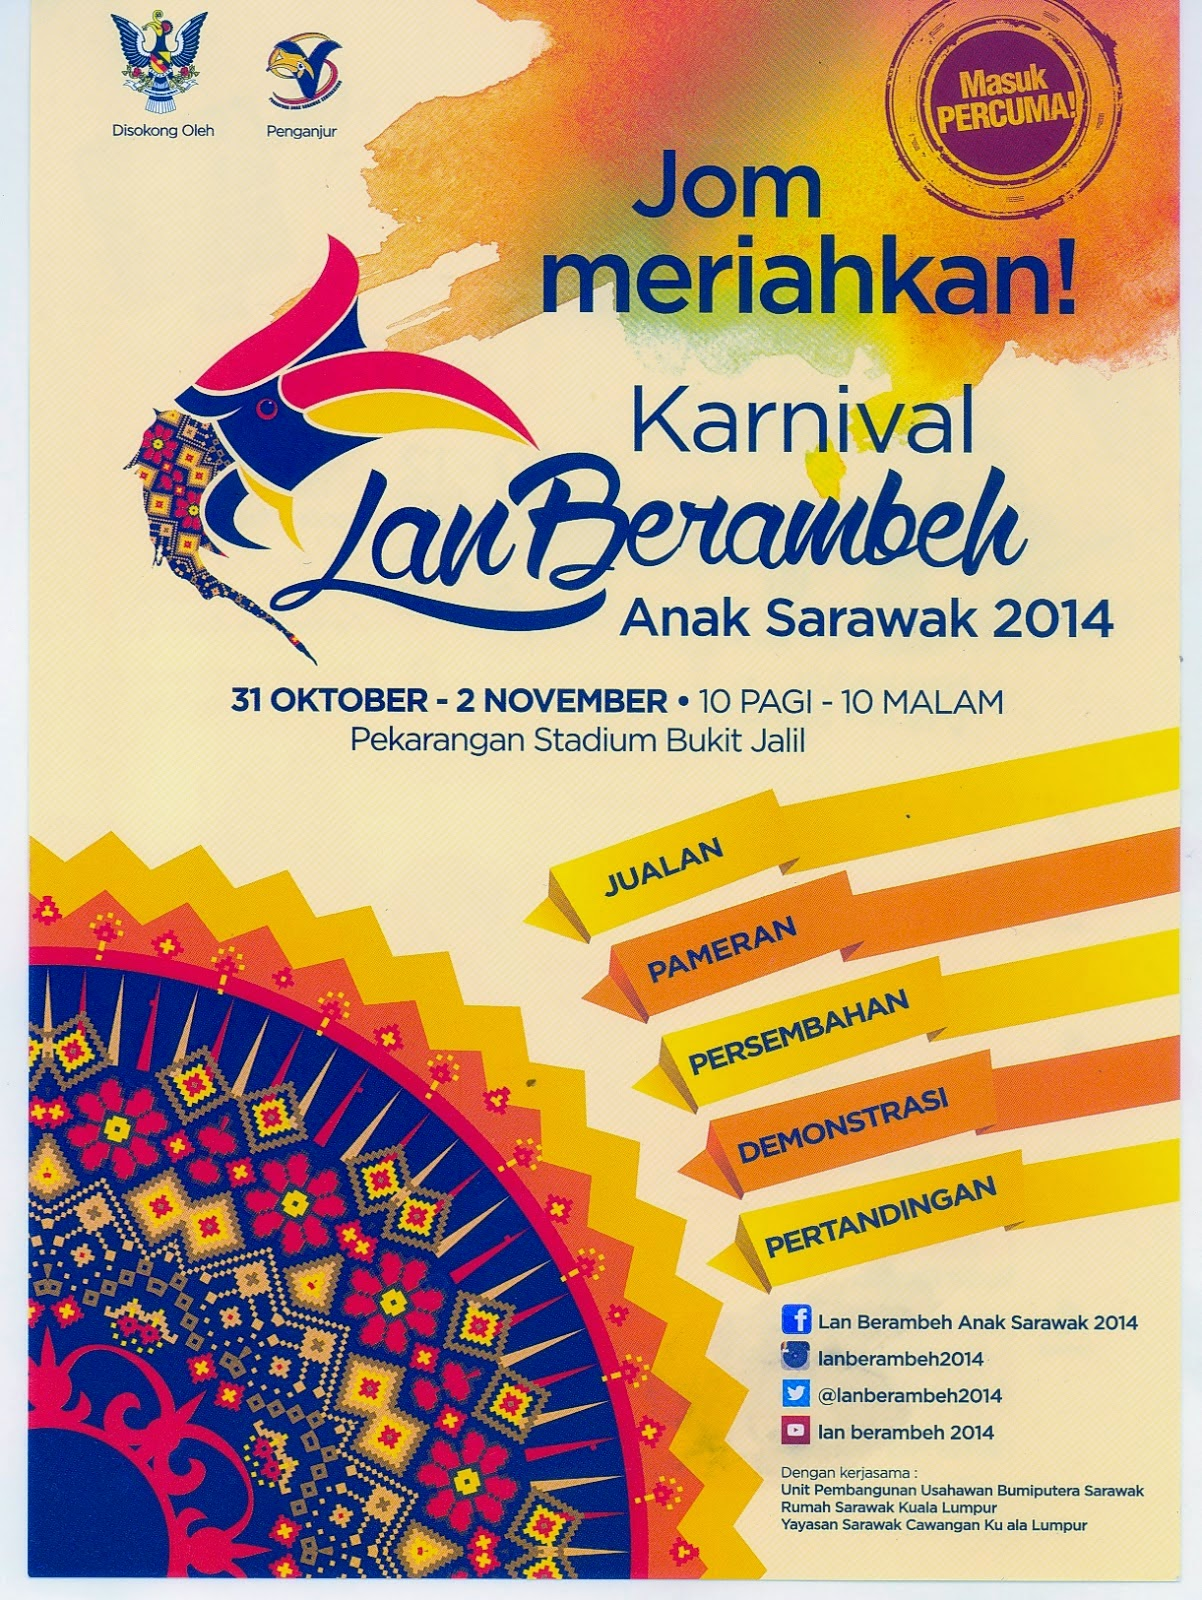 Karnival Lan Berambeh Anak Sarawak 2014